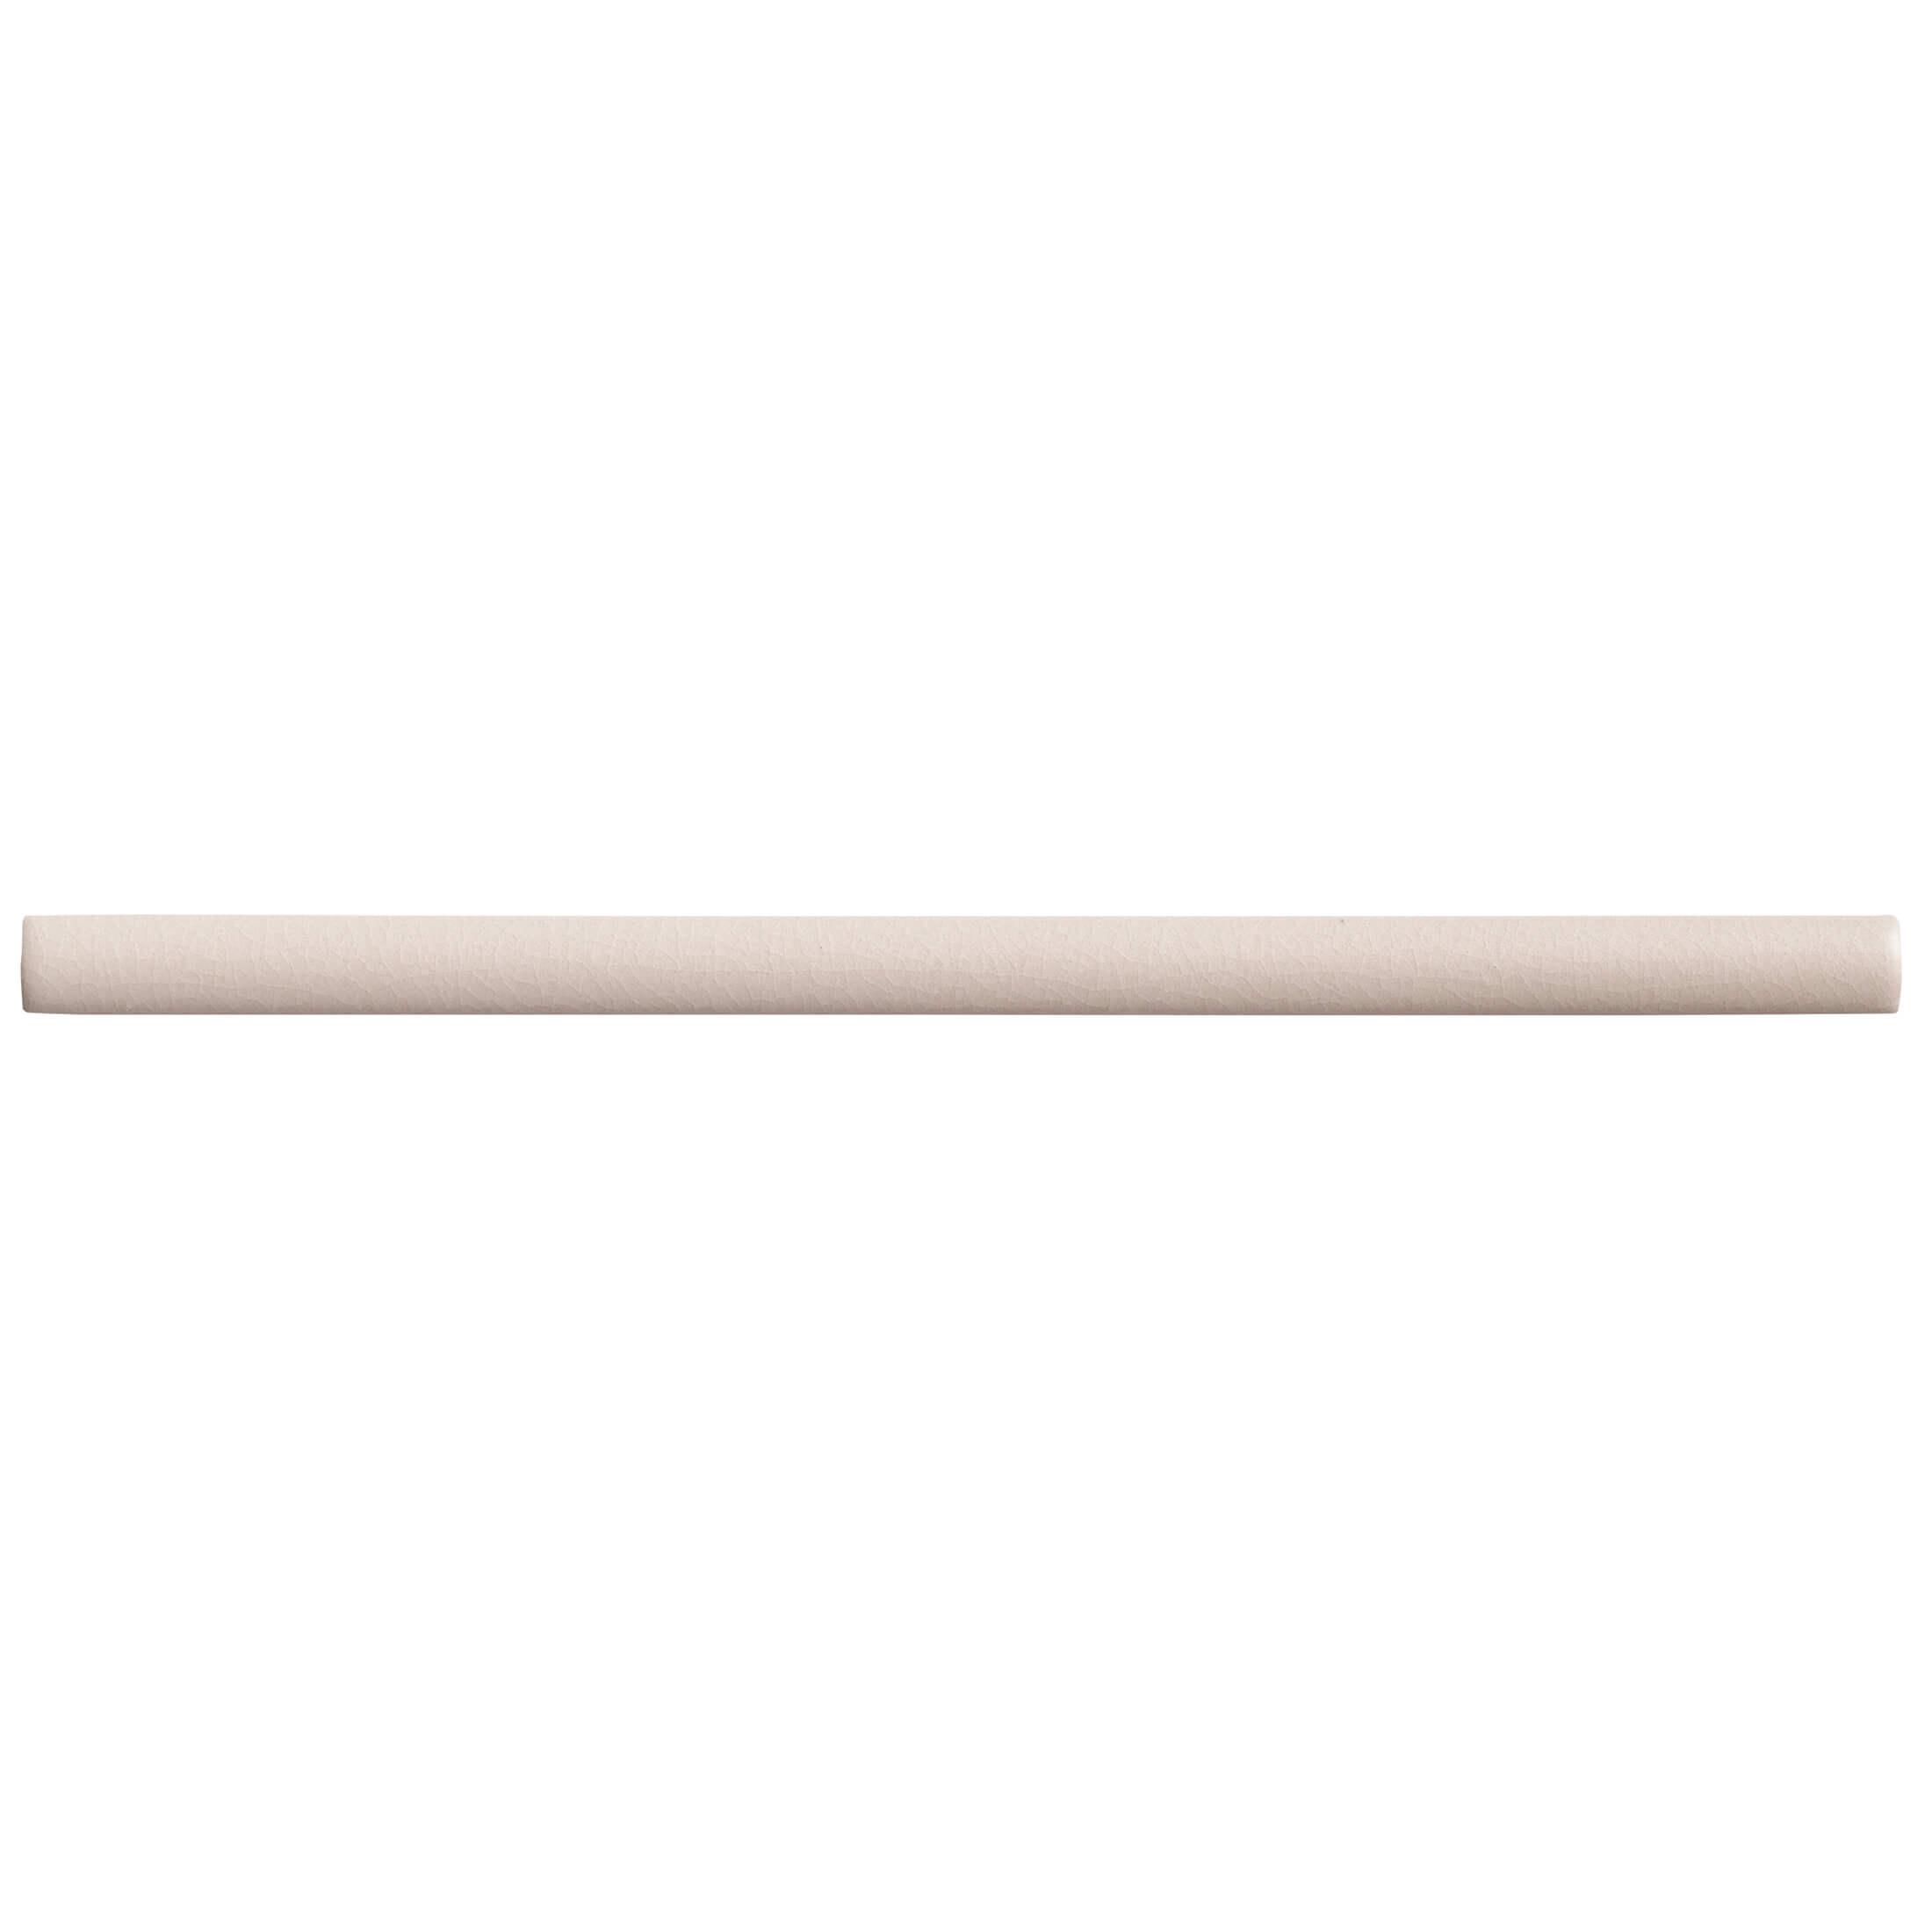 ADEH5017 - BULLNOSE TRIM - 1.4 cm X 30 cm